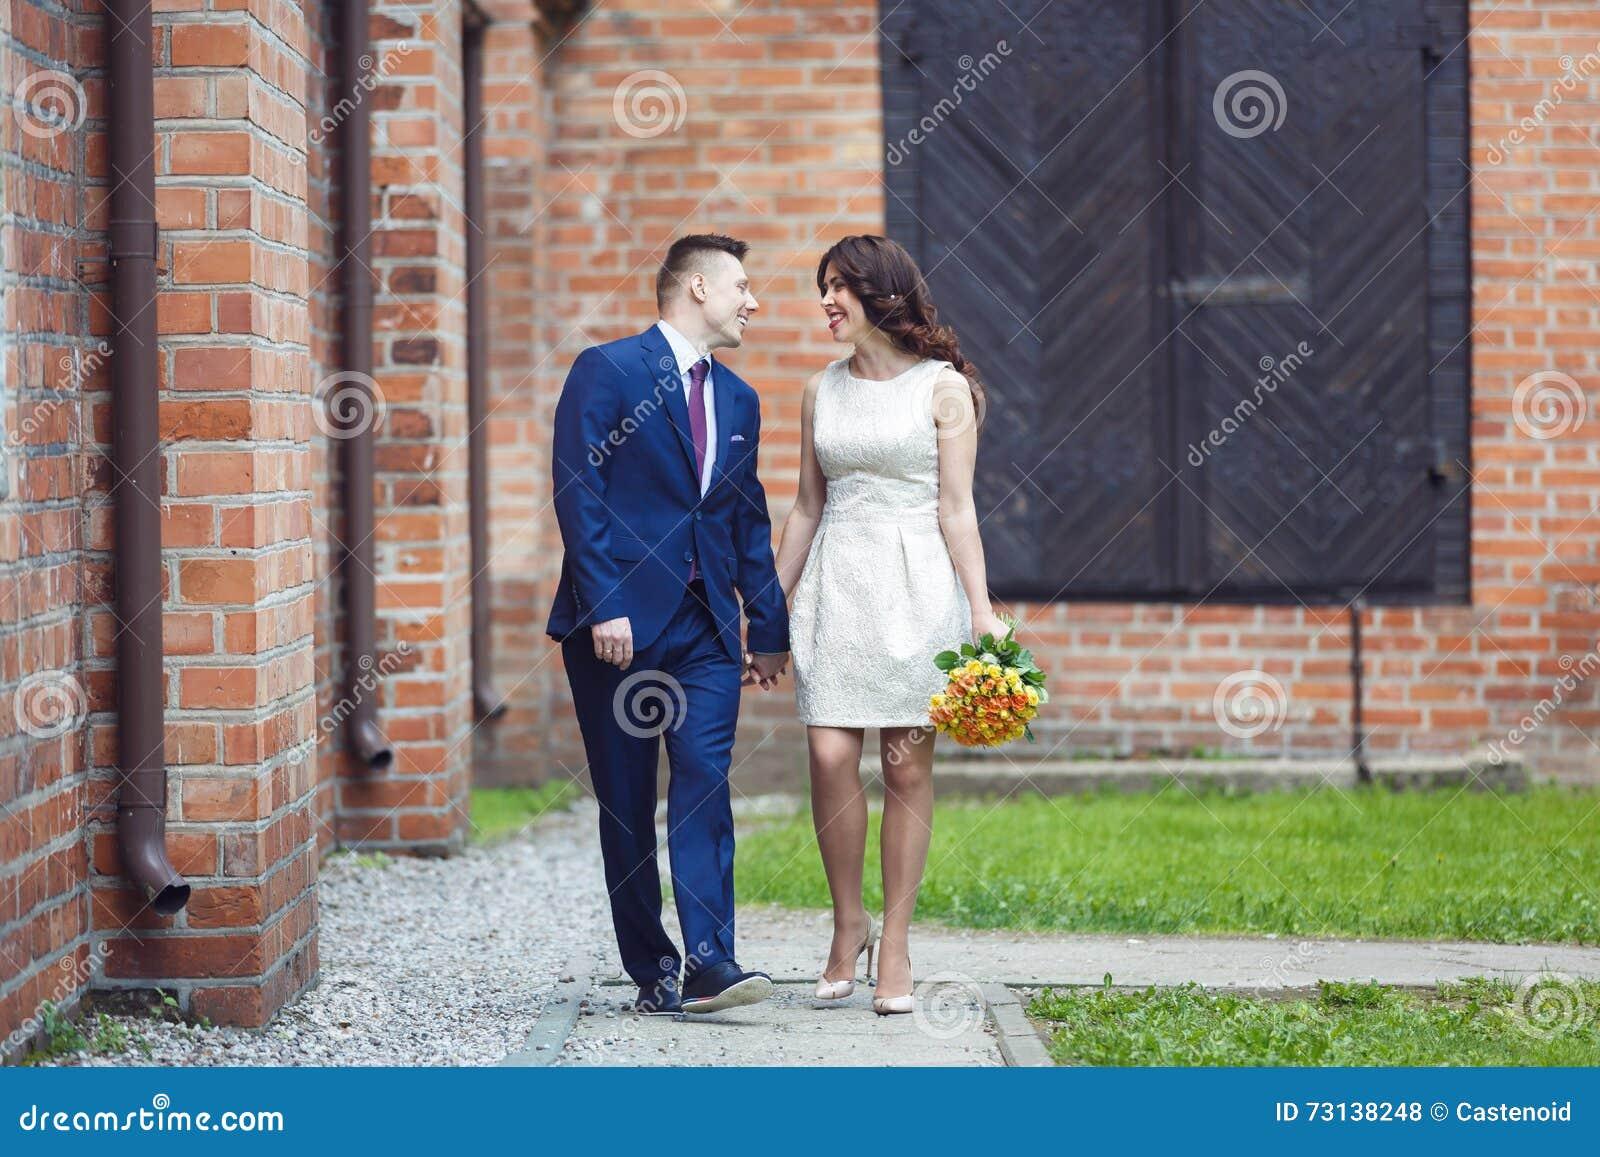 Momento romántico de la boda